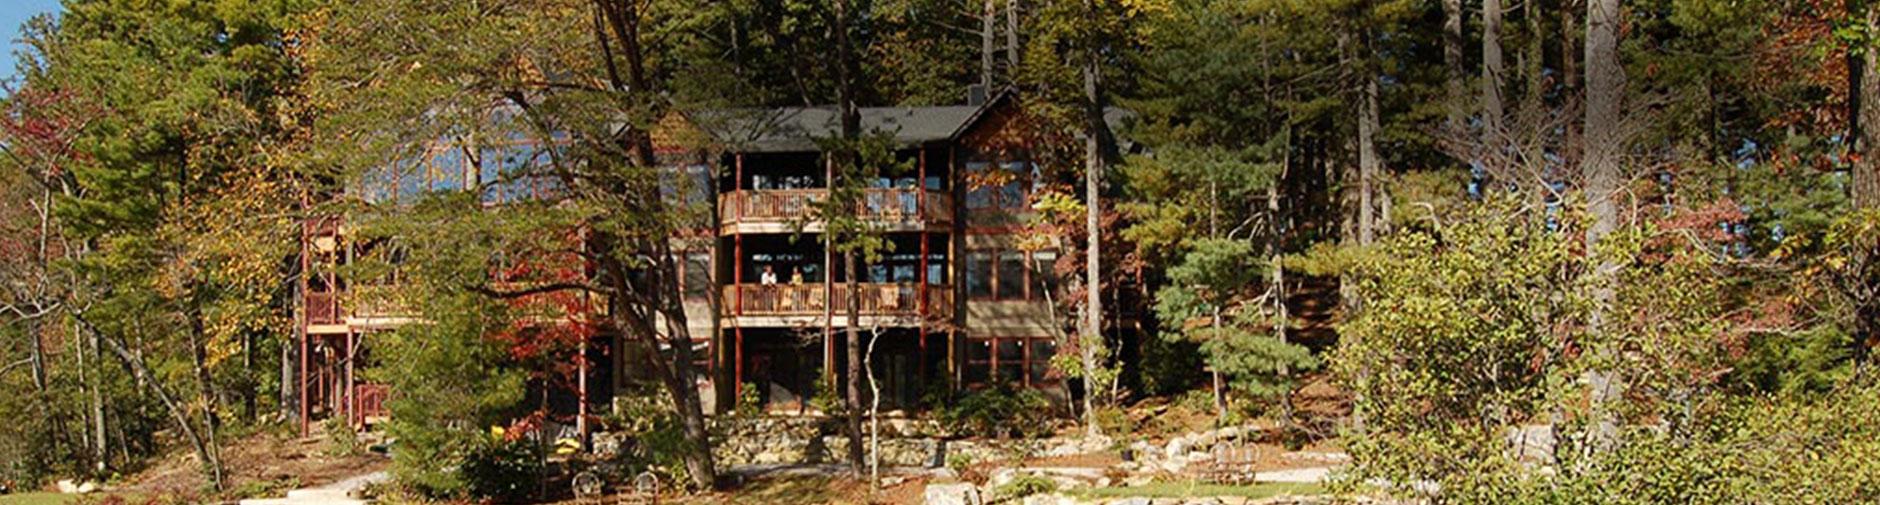 Panoramic photo of lodge